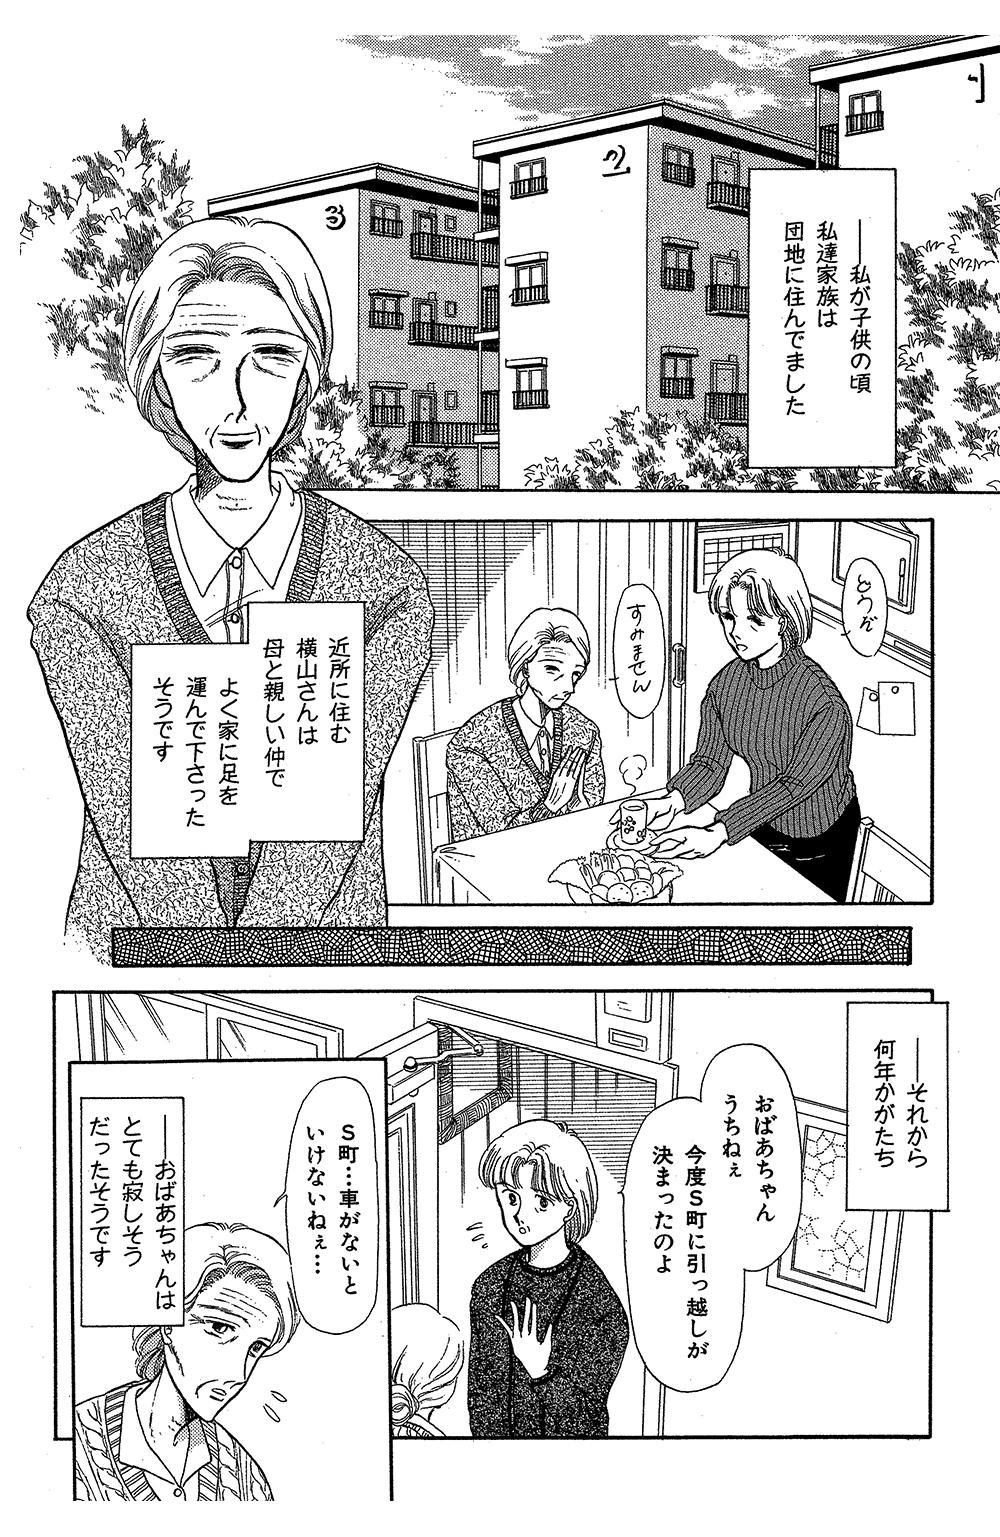 霊感ママシリーズ 第1話「花の陰影」①reikan04.jpg